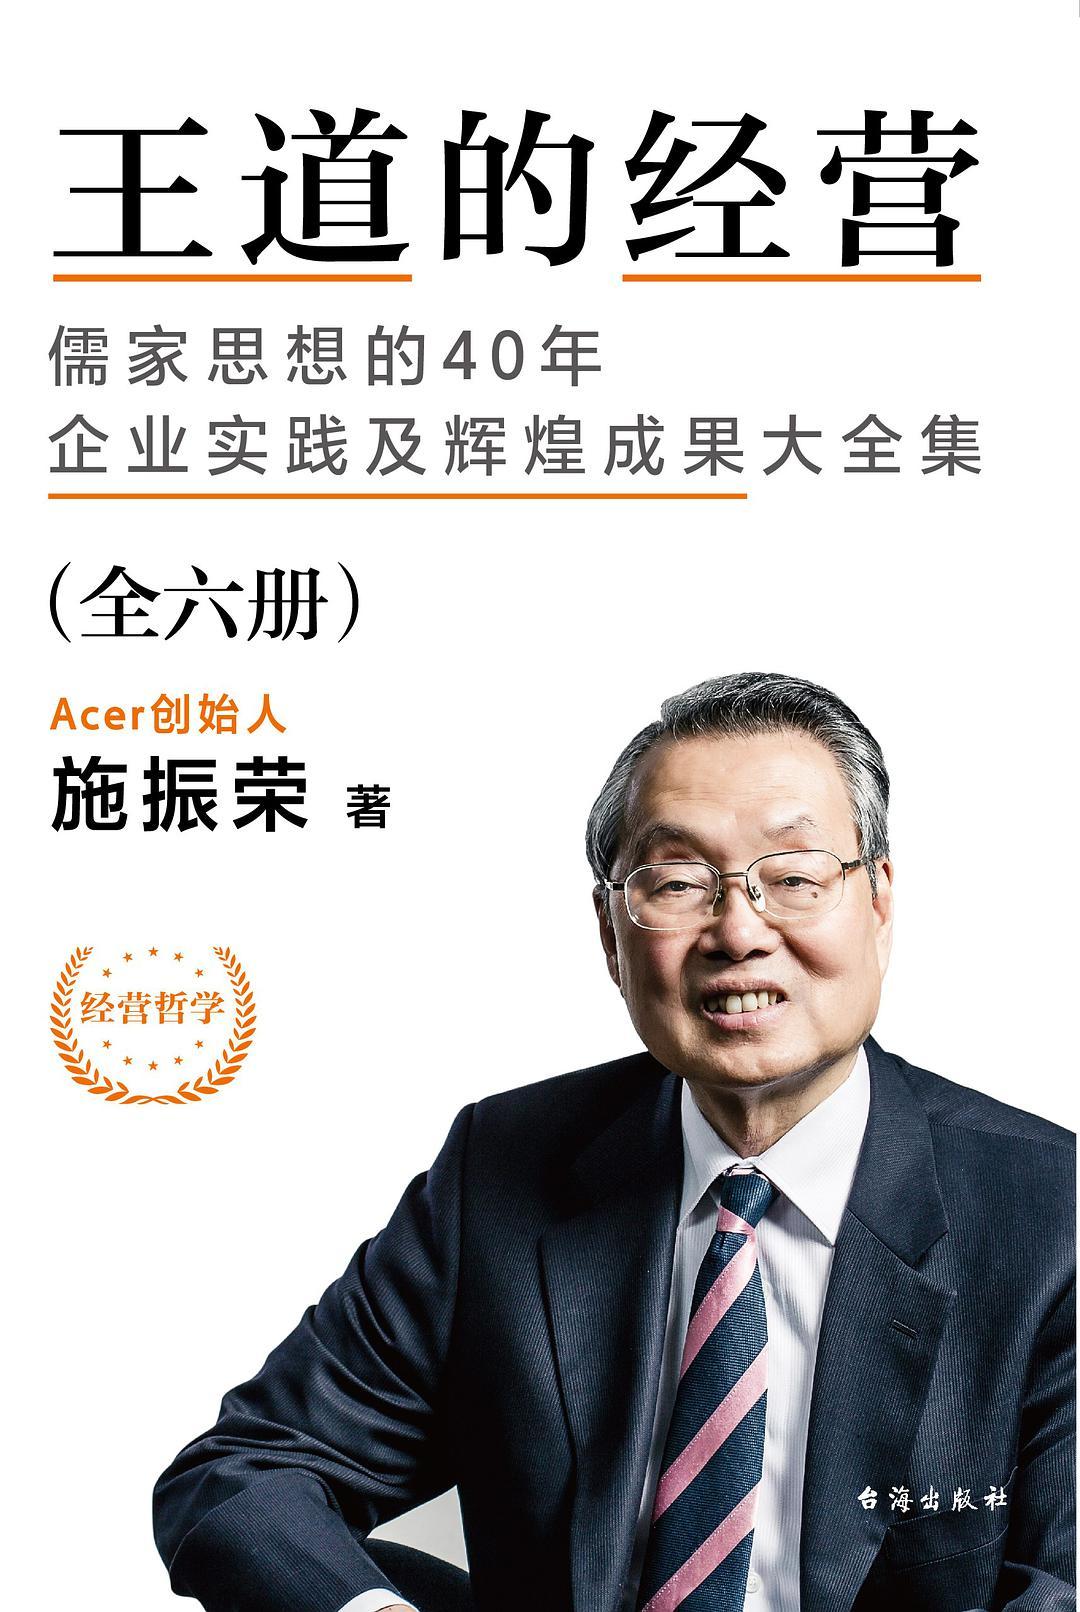 王道的经营(全六册):儒家思想的40年企业实践及辉煌成果大全集